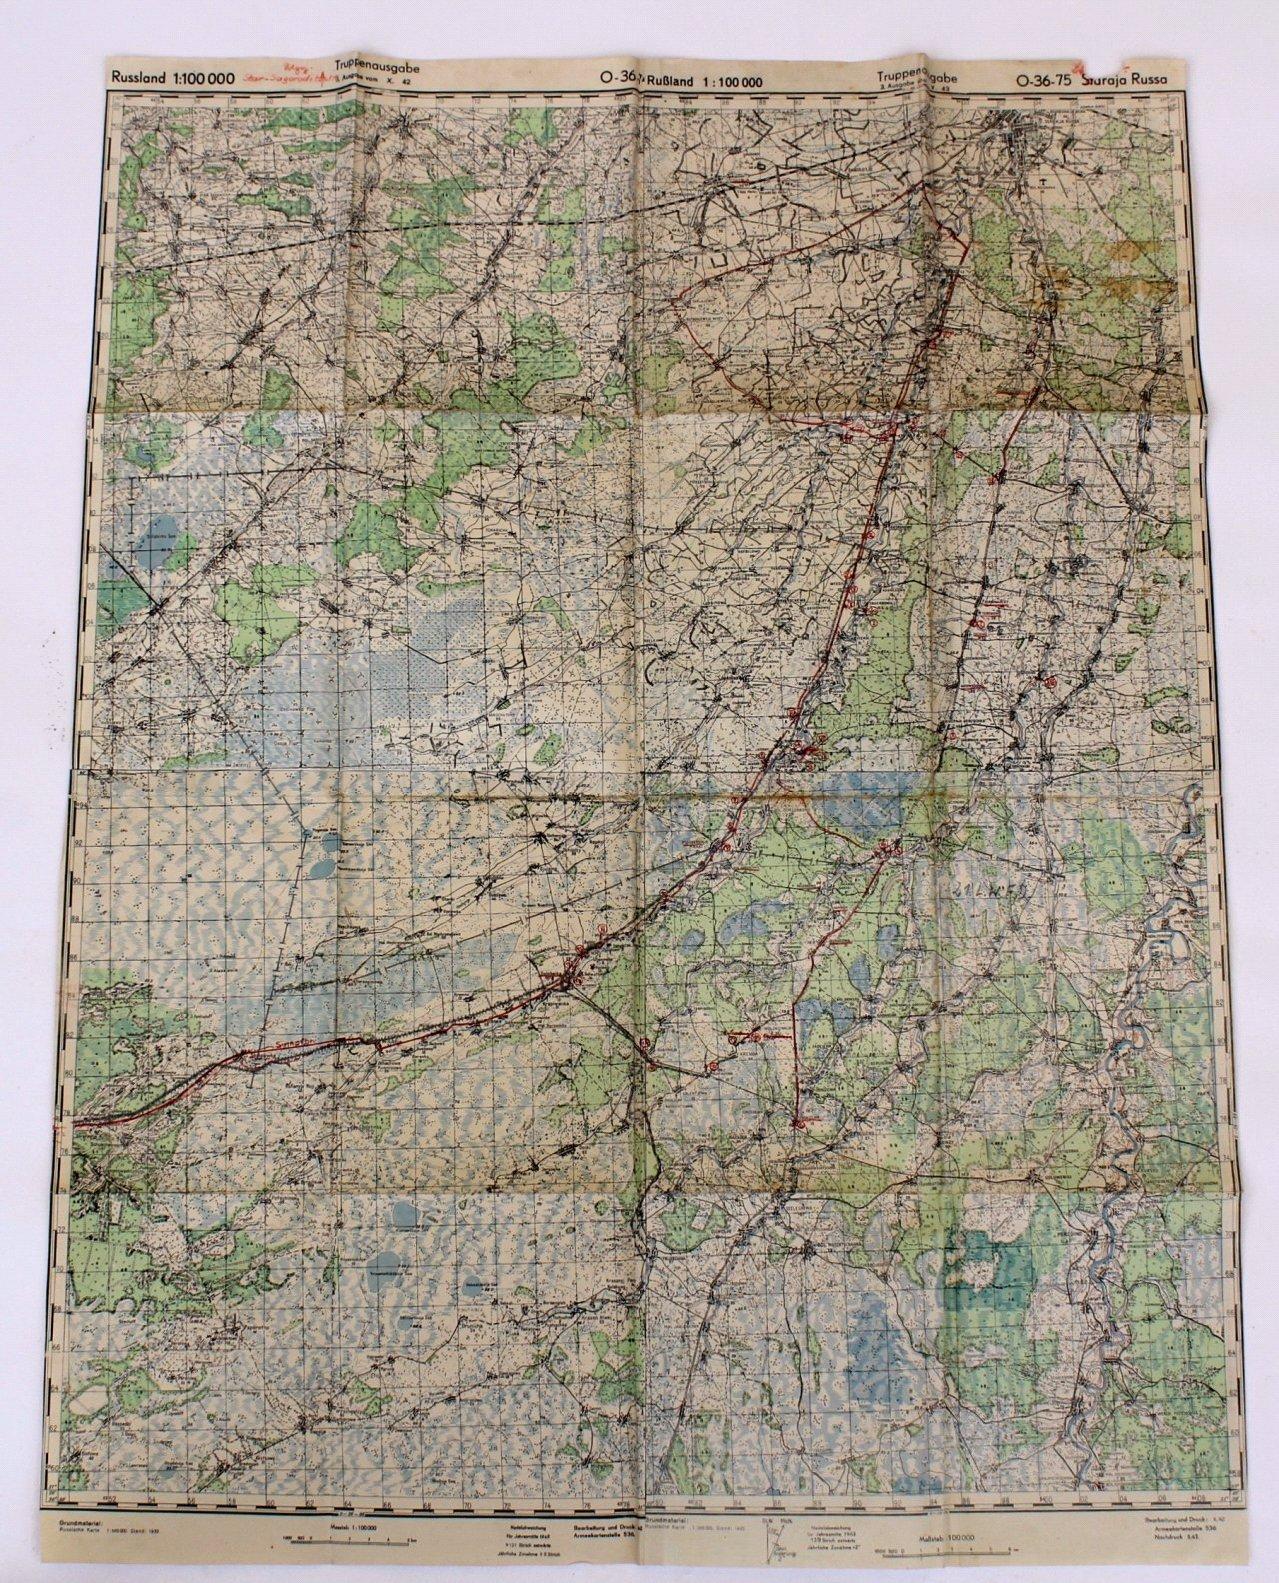 Kartennachlass Brückenbaustab 1, Brückenbau-Bataillon 683-5